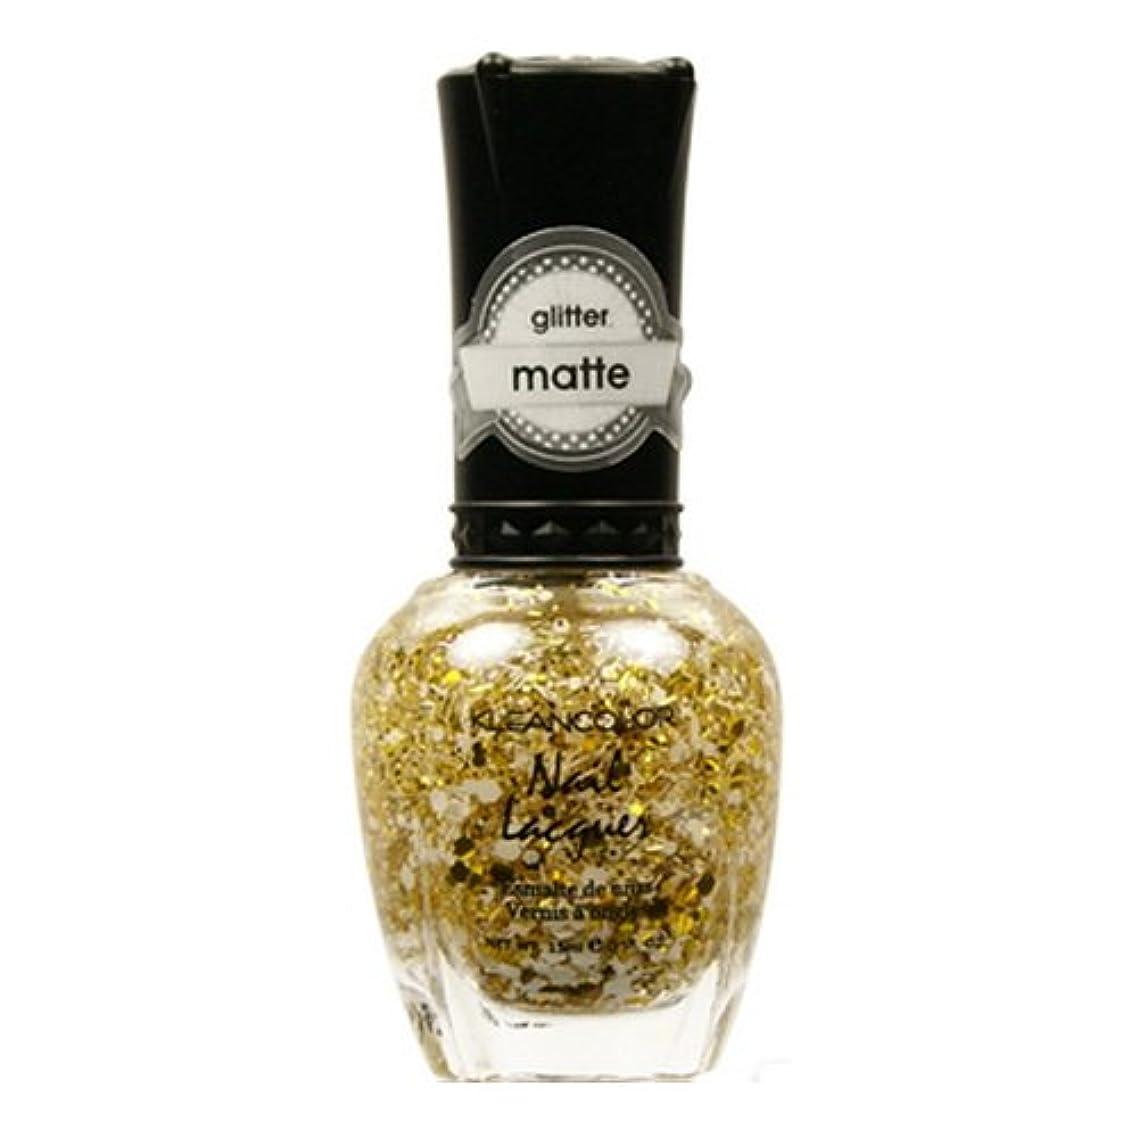 ポケットちょうつがい取り消す(3 Pack) KLEANCOLOR Glitter Matte Nail Lacquer - Everyday is My Birthday (並行輸入品)